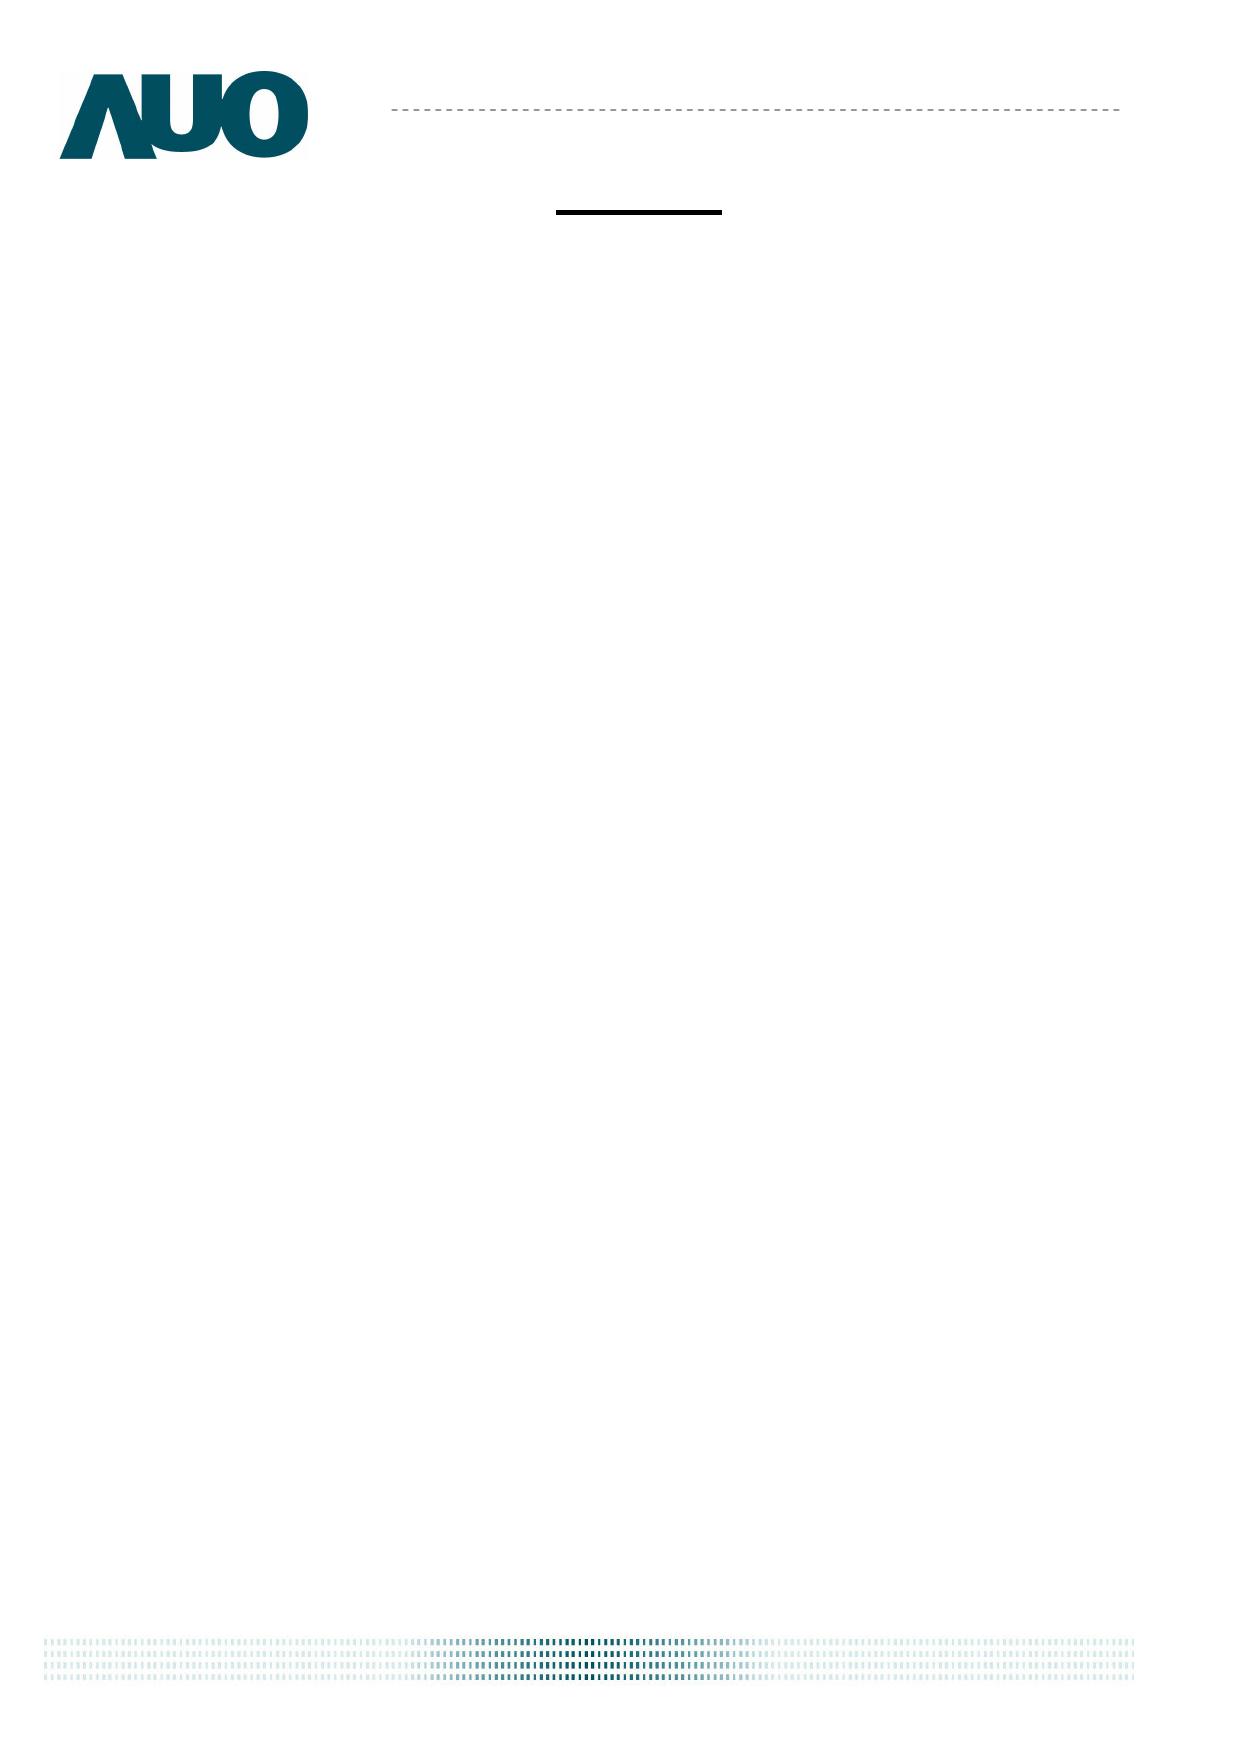 G057VN01-V1 Даташит, Описание, Даташиты